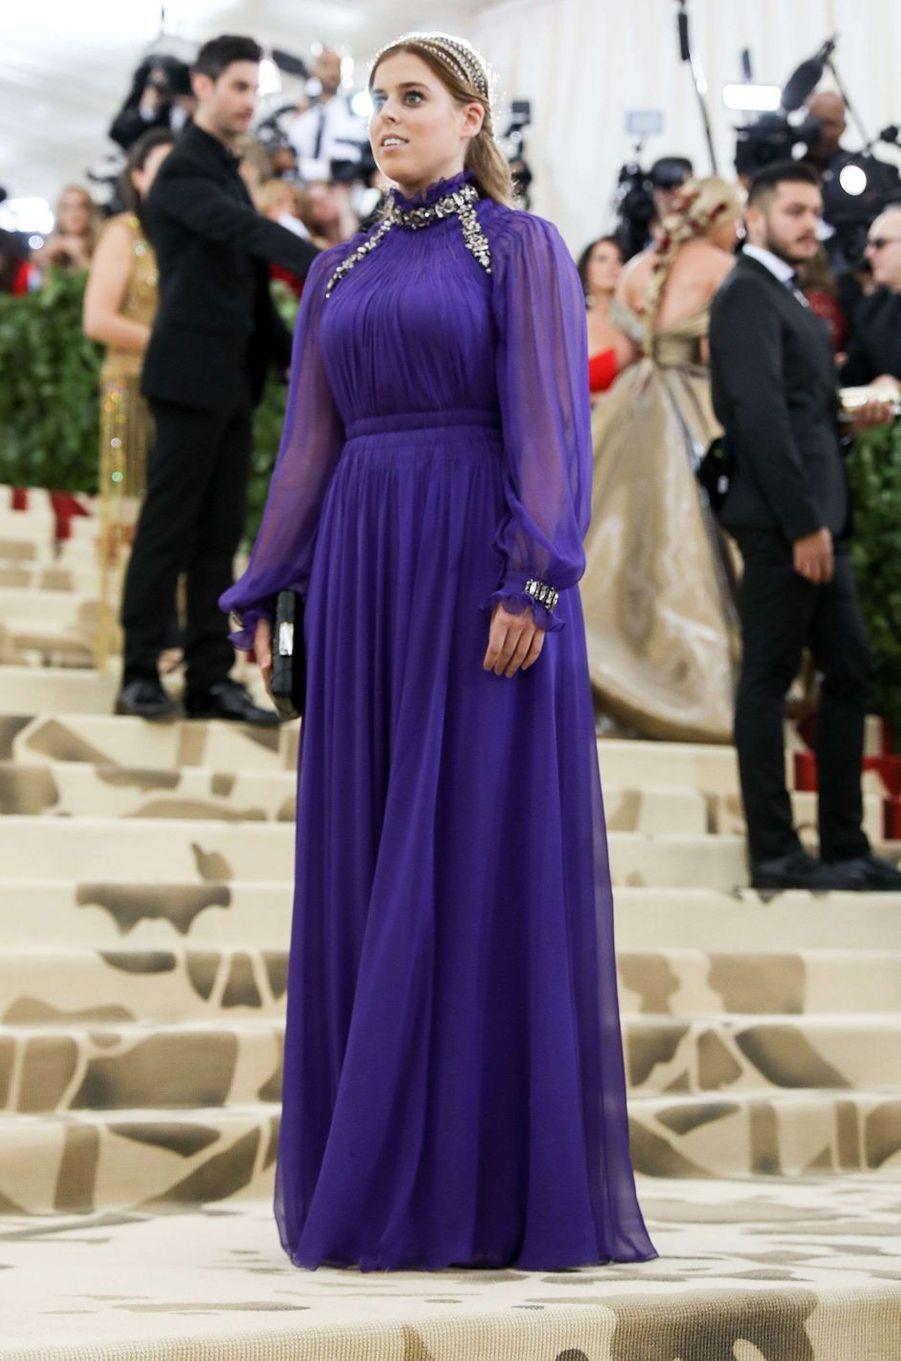 La princesse Beatrice d'York au Met Gala à New York, le 7 mai 2018